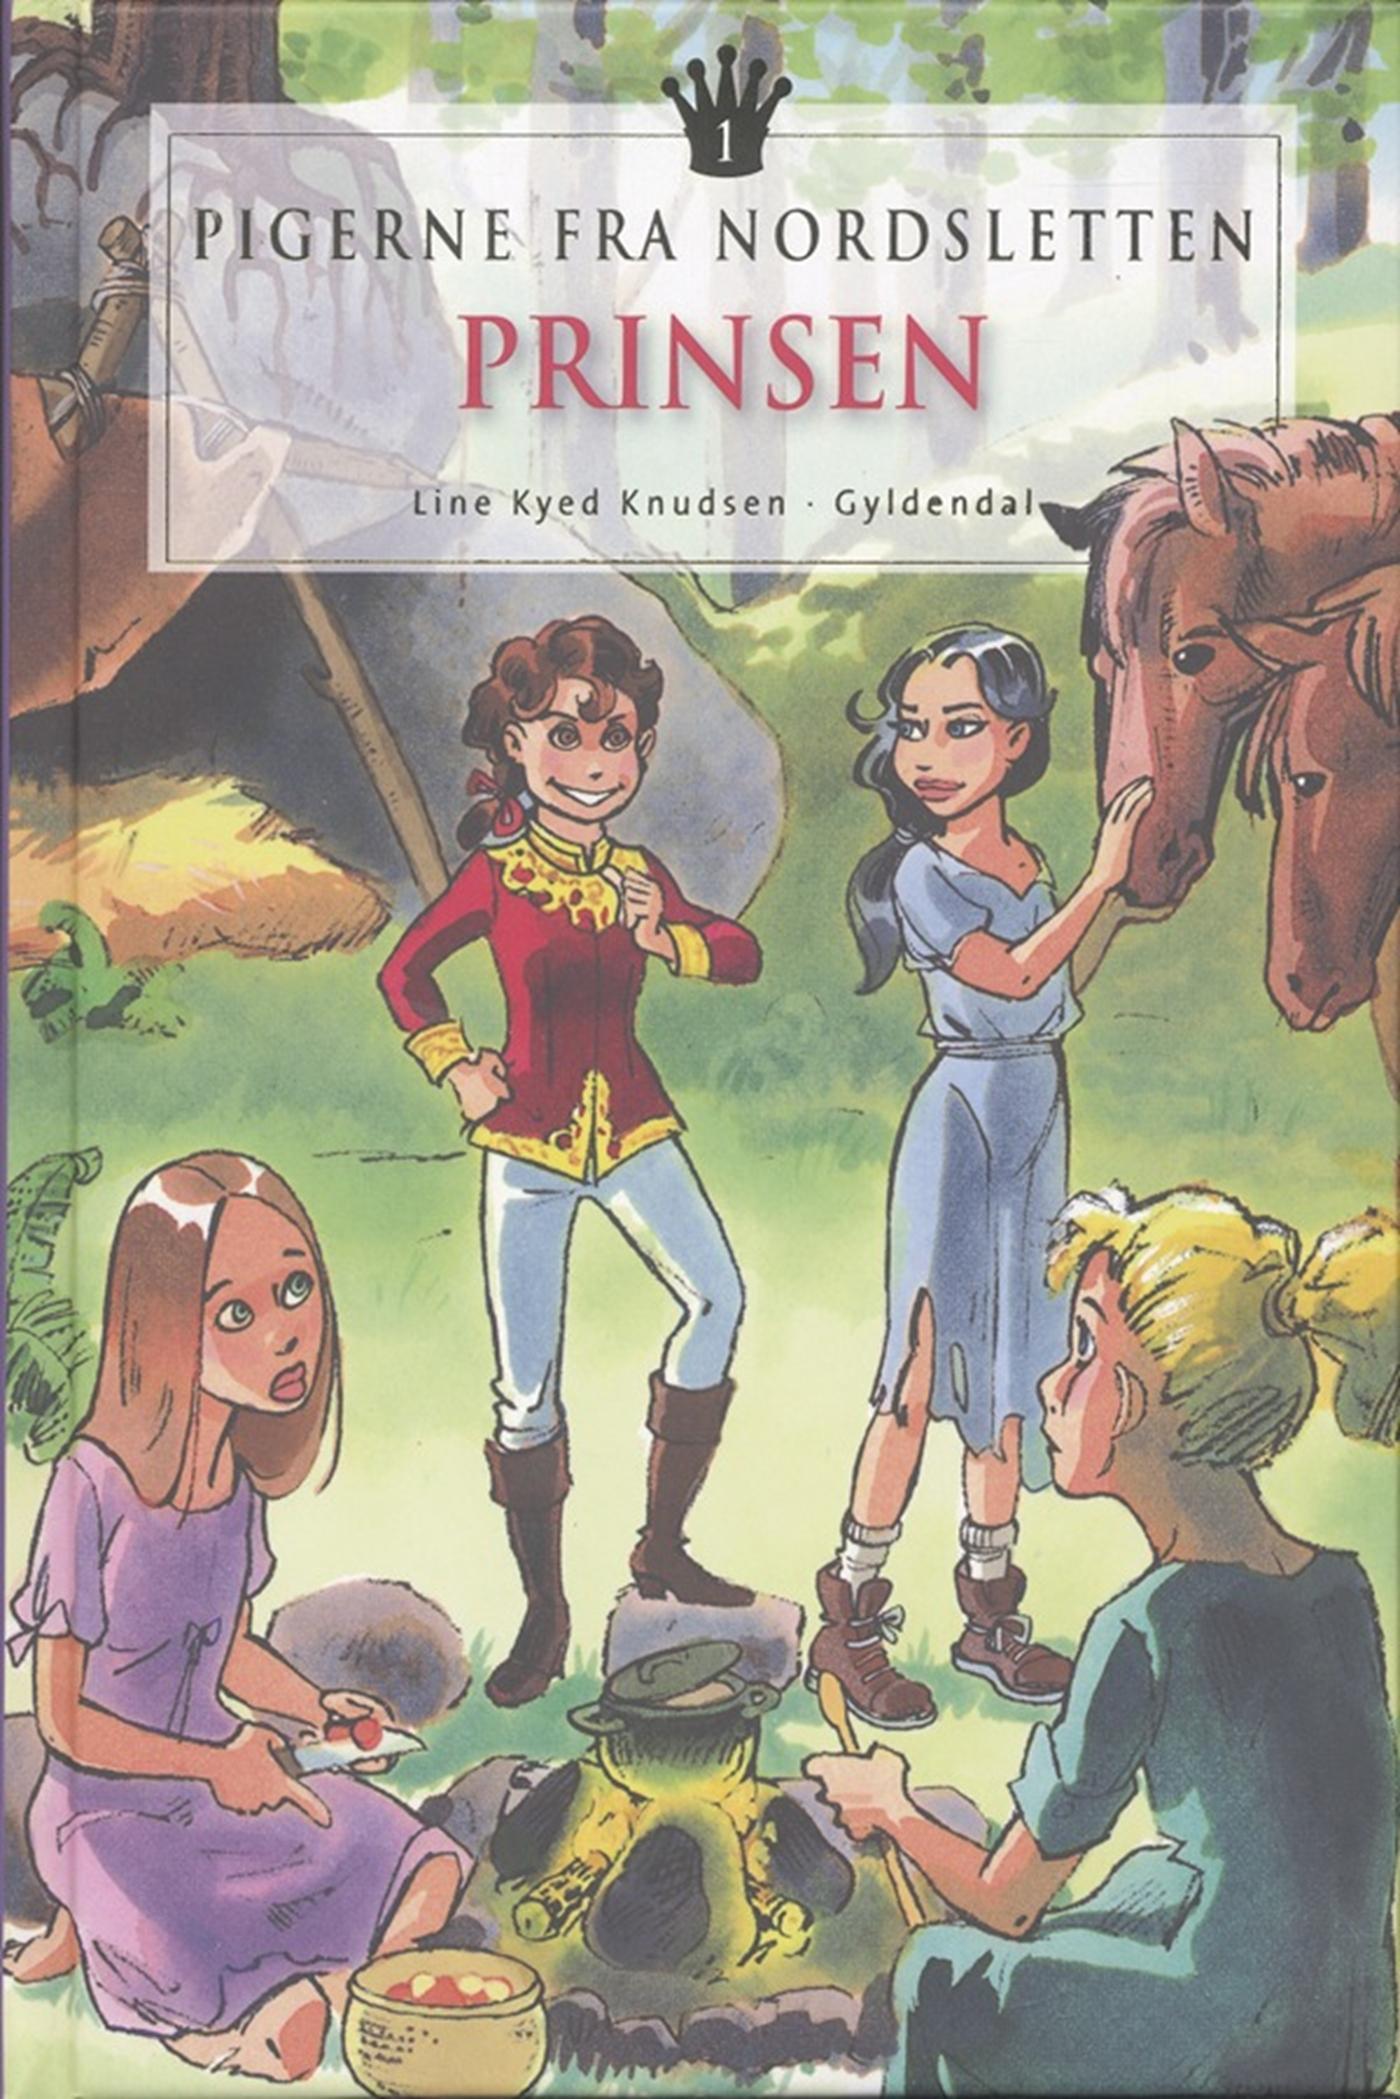 Pigerne fra Nordsletten